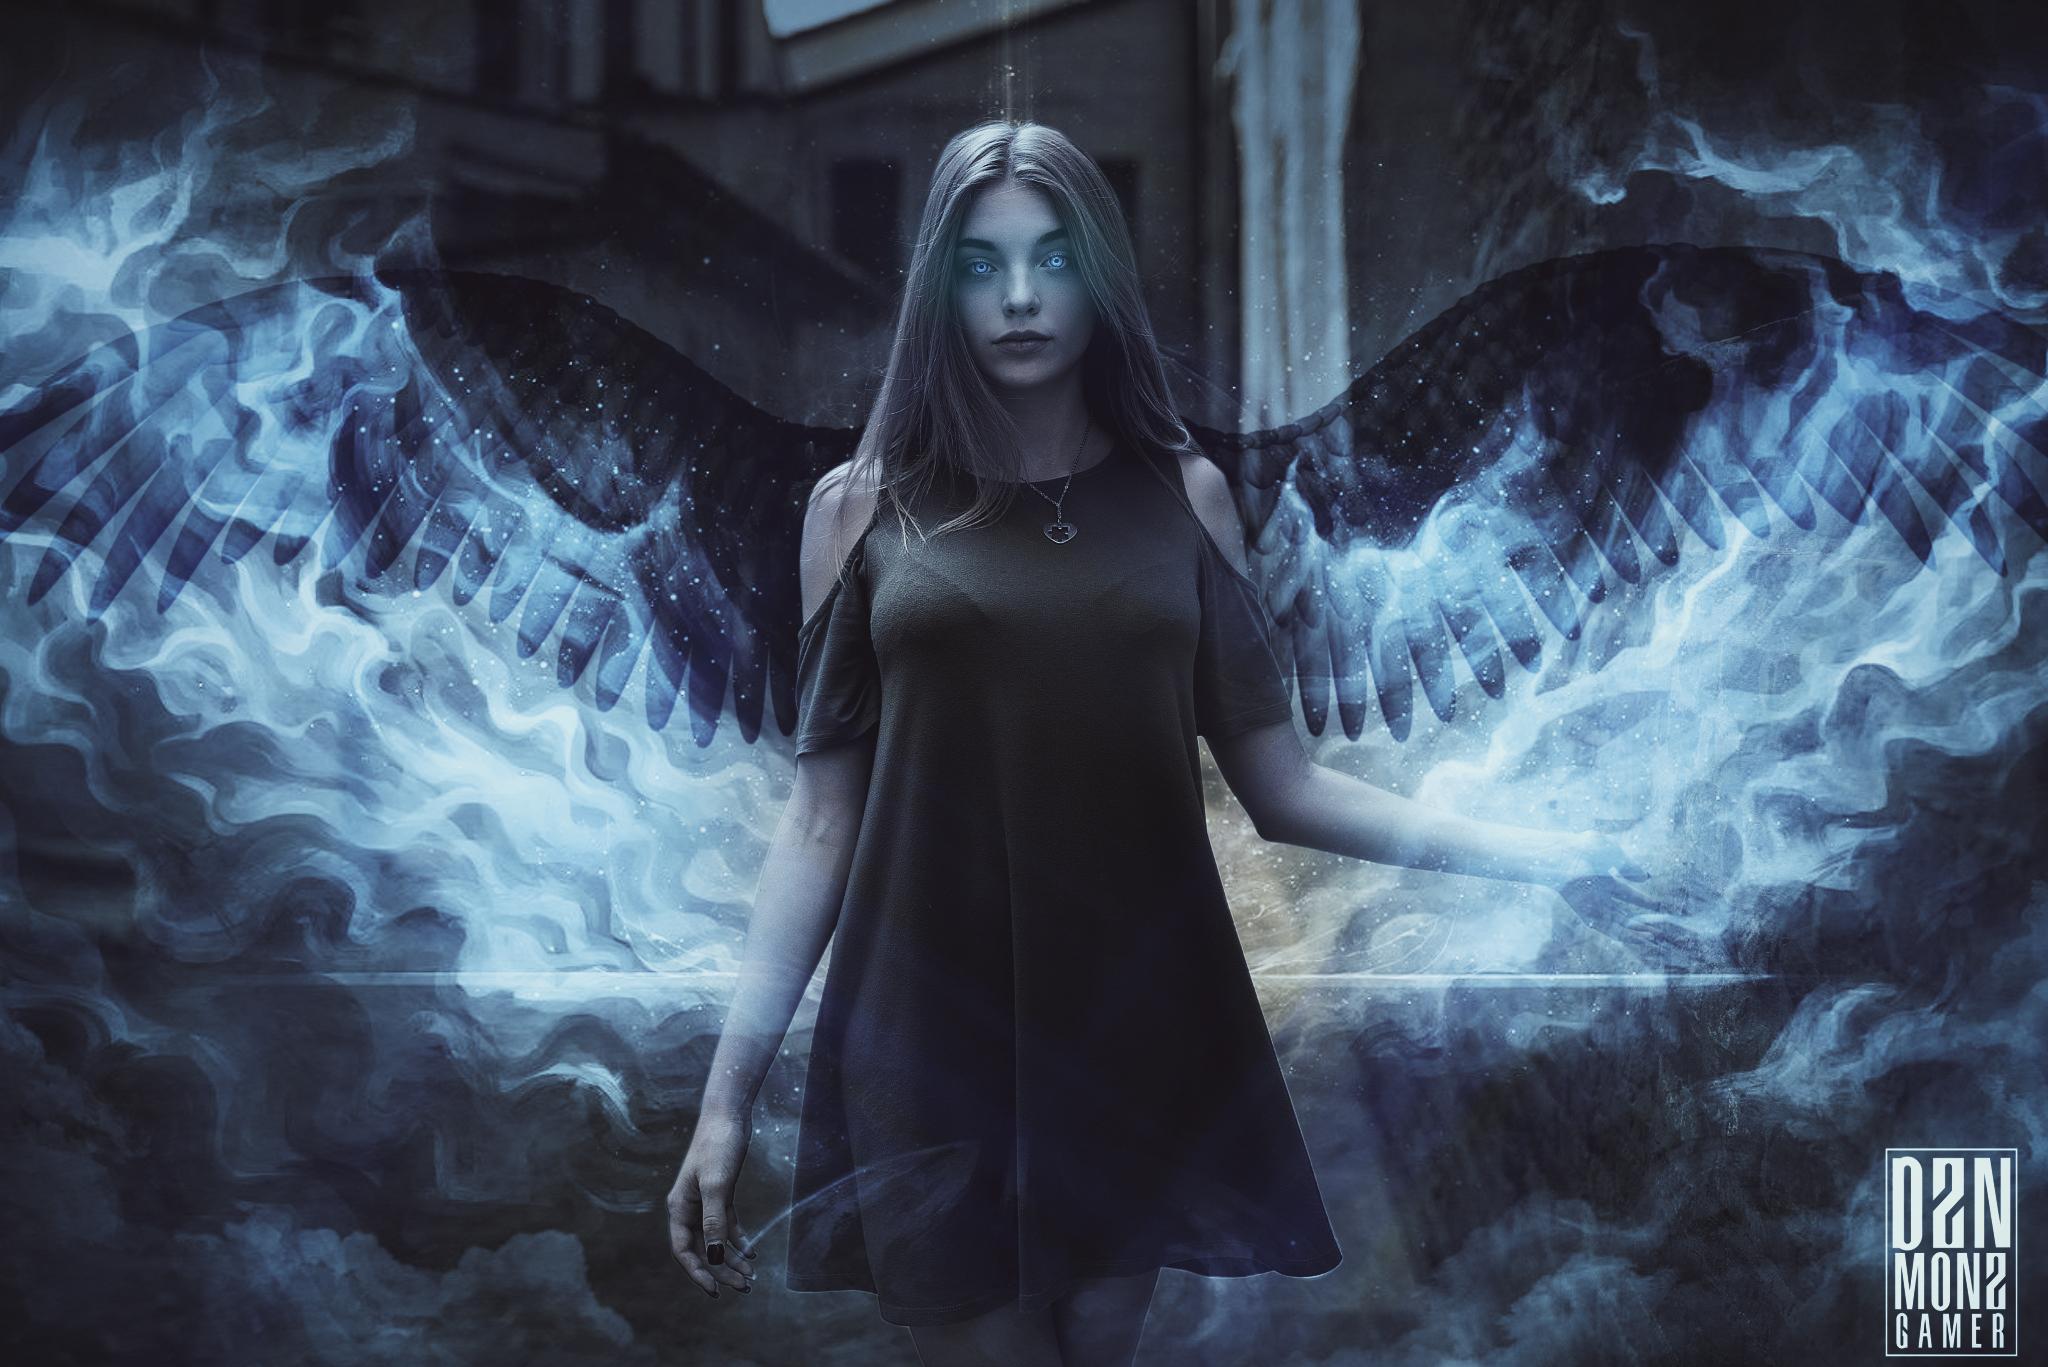 General 2048x1367 women woman angel angel